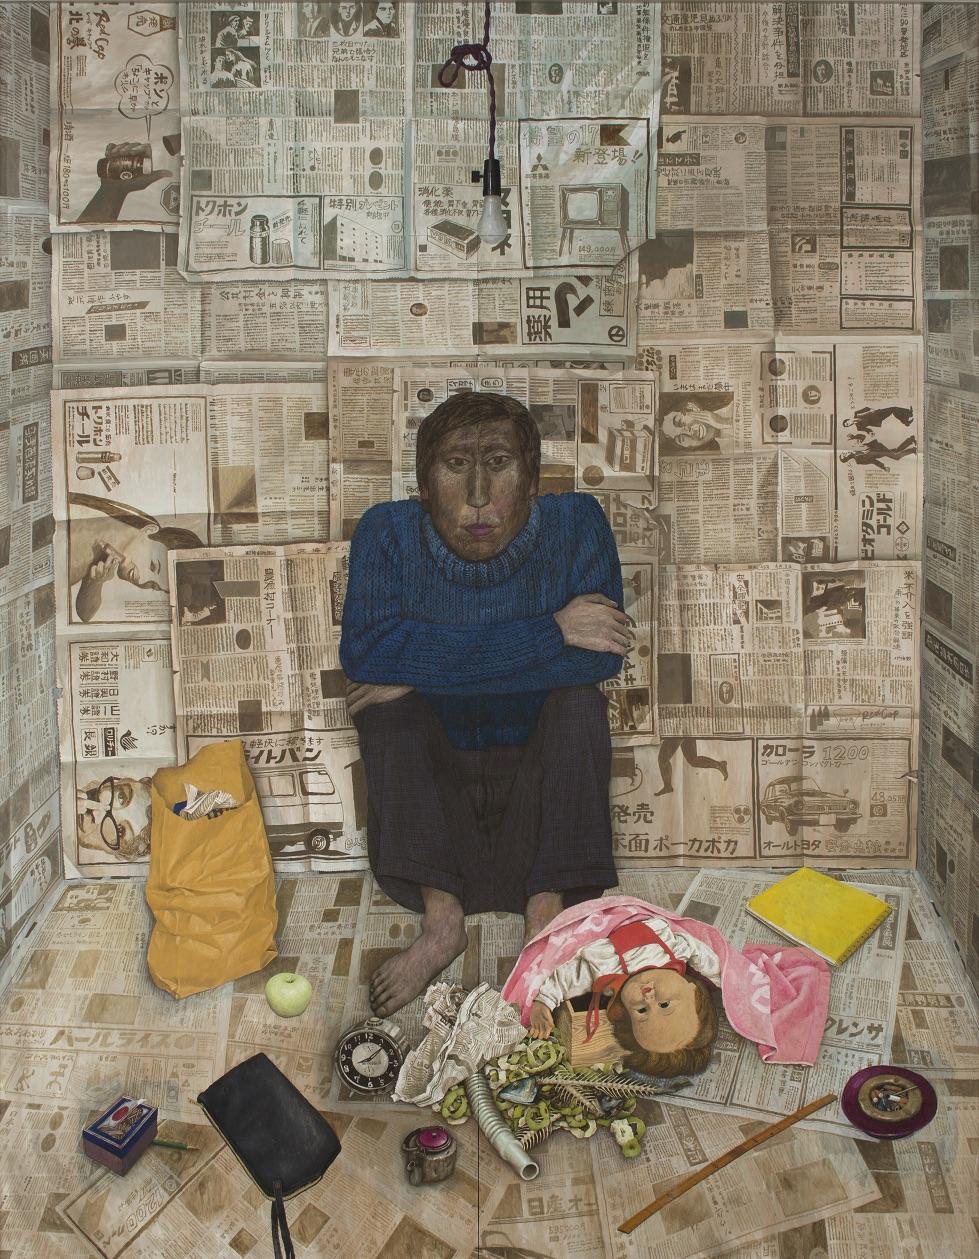 画像:<p>神田日勝《室内風景》(1970)北海道立近代美術館所蔵</p>